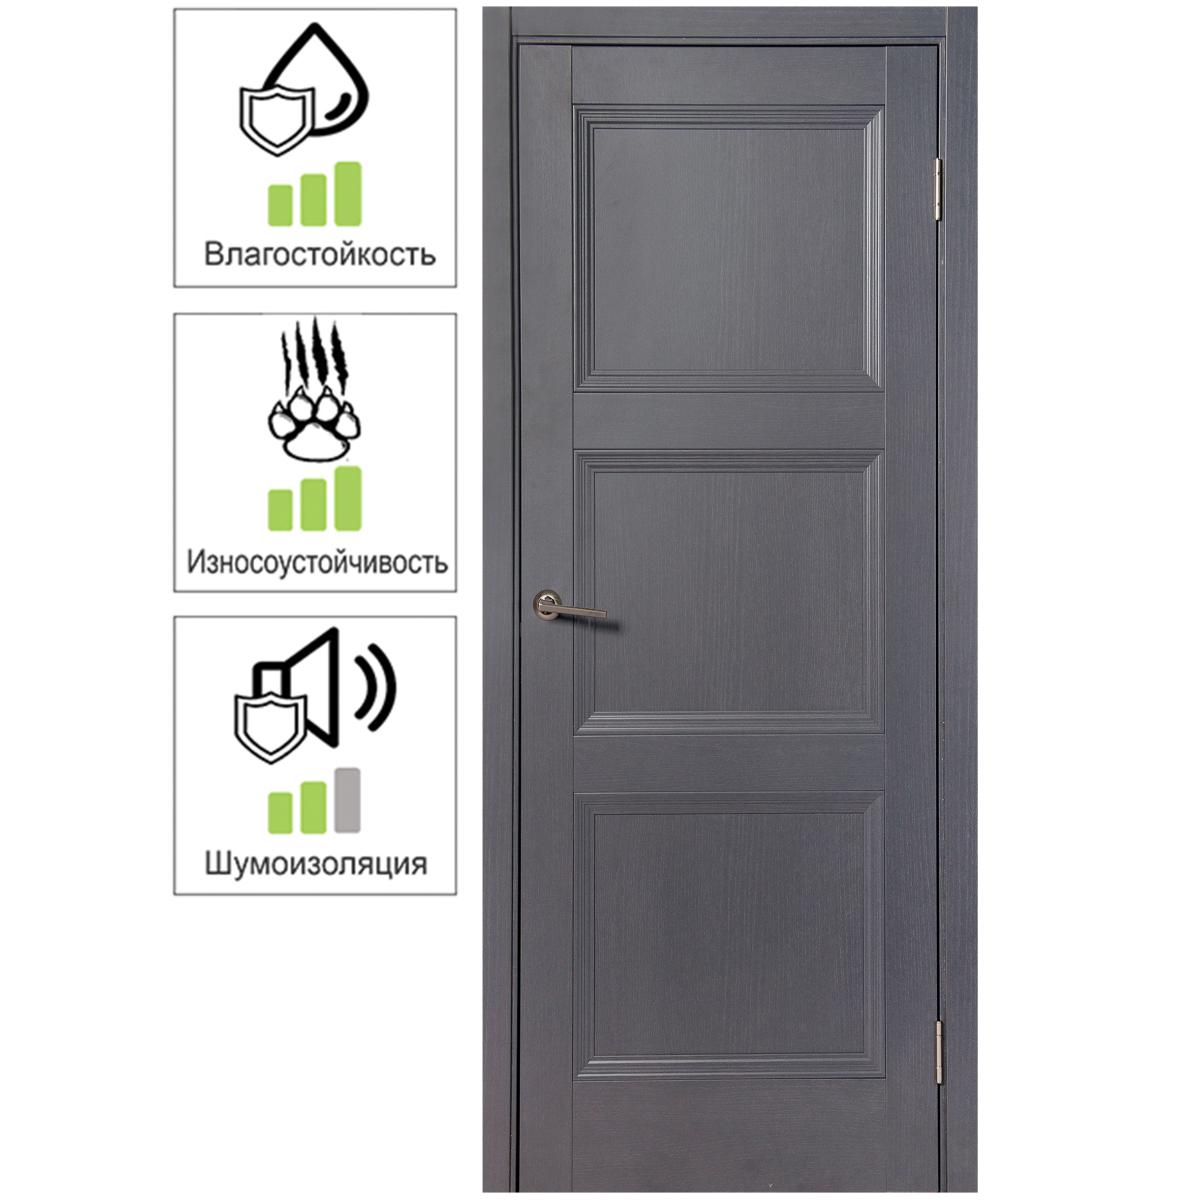 Дверь межкомнатная глухая с замком и петлями в комплекте Трилло 90x200 см  Hardflex цвет грей